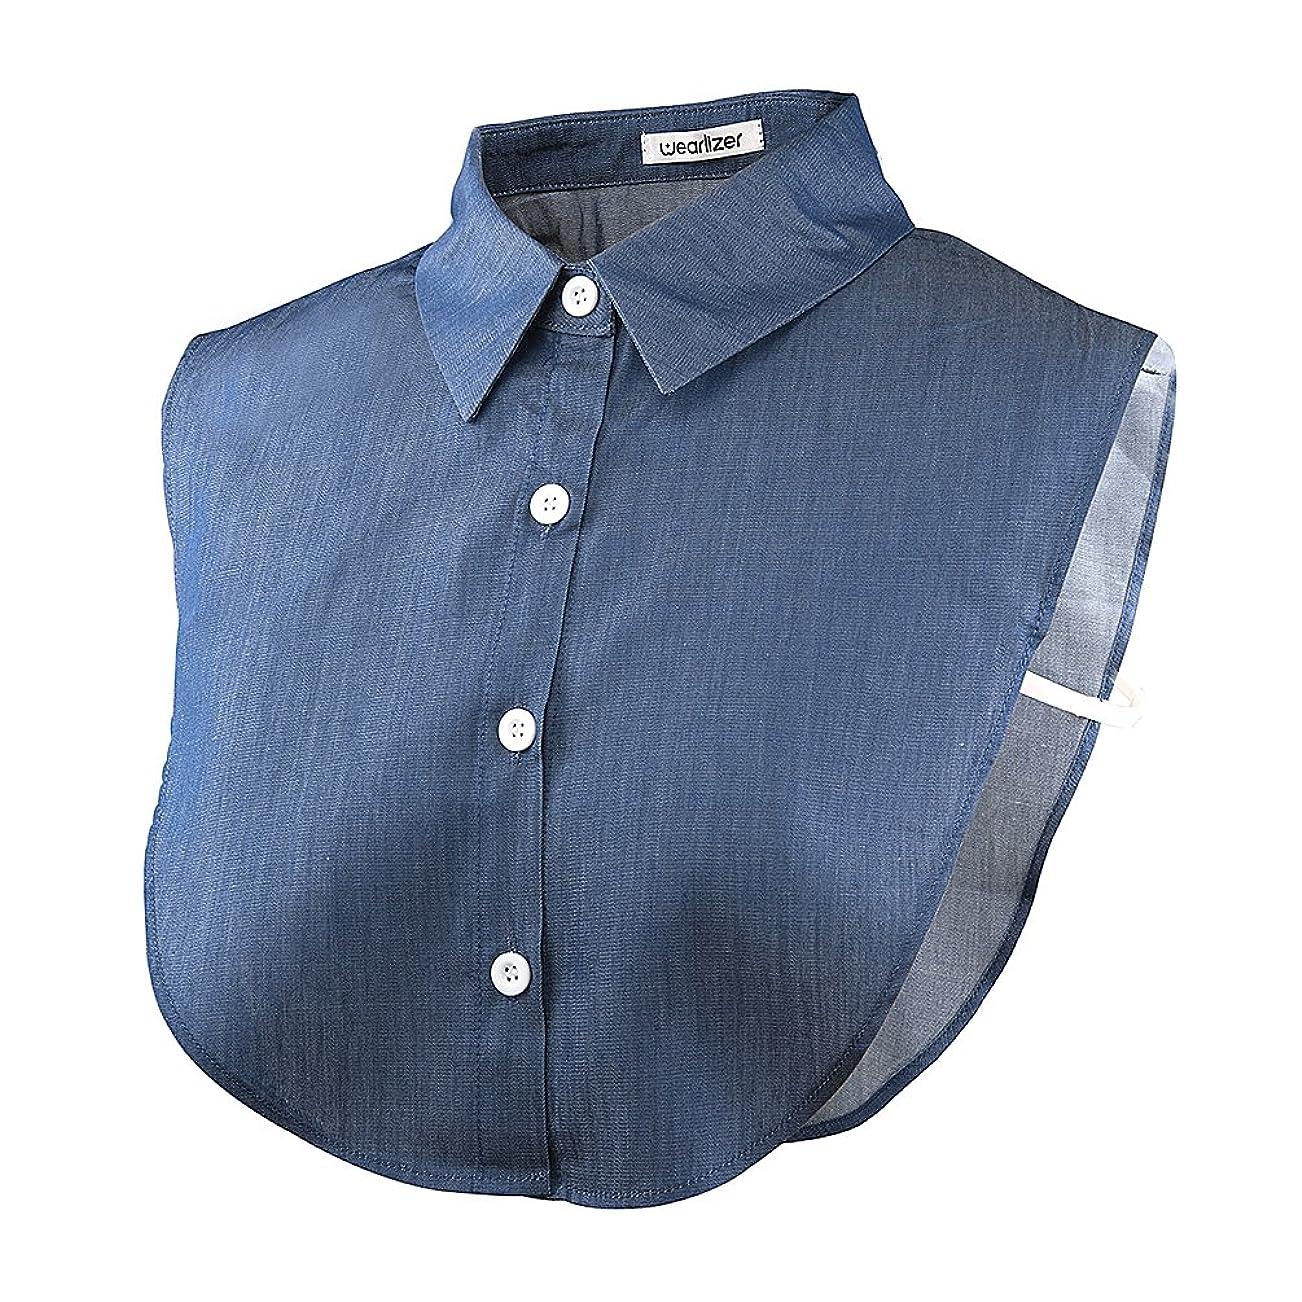 つけ襟 Wearlizer シフォン製 シャツ 角襟 衿 ブラウス ホワイト ヘアーゴムー付 (デニム)